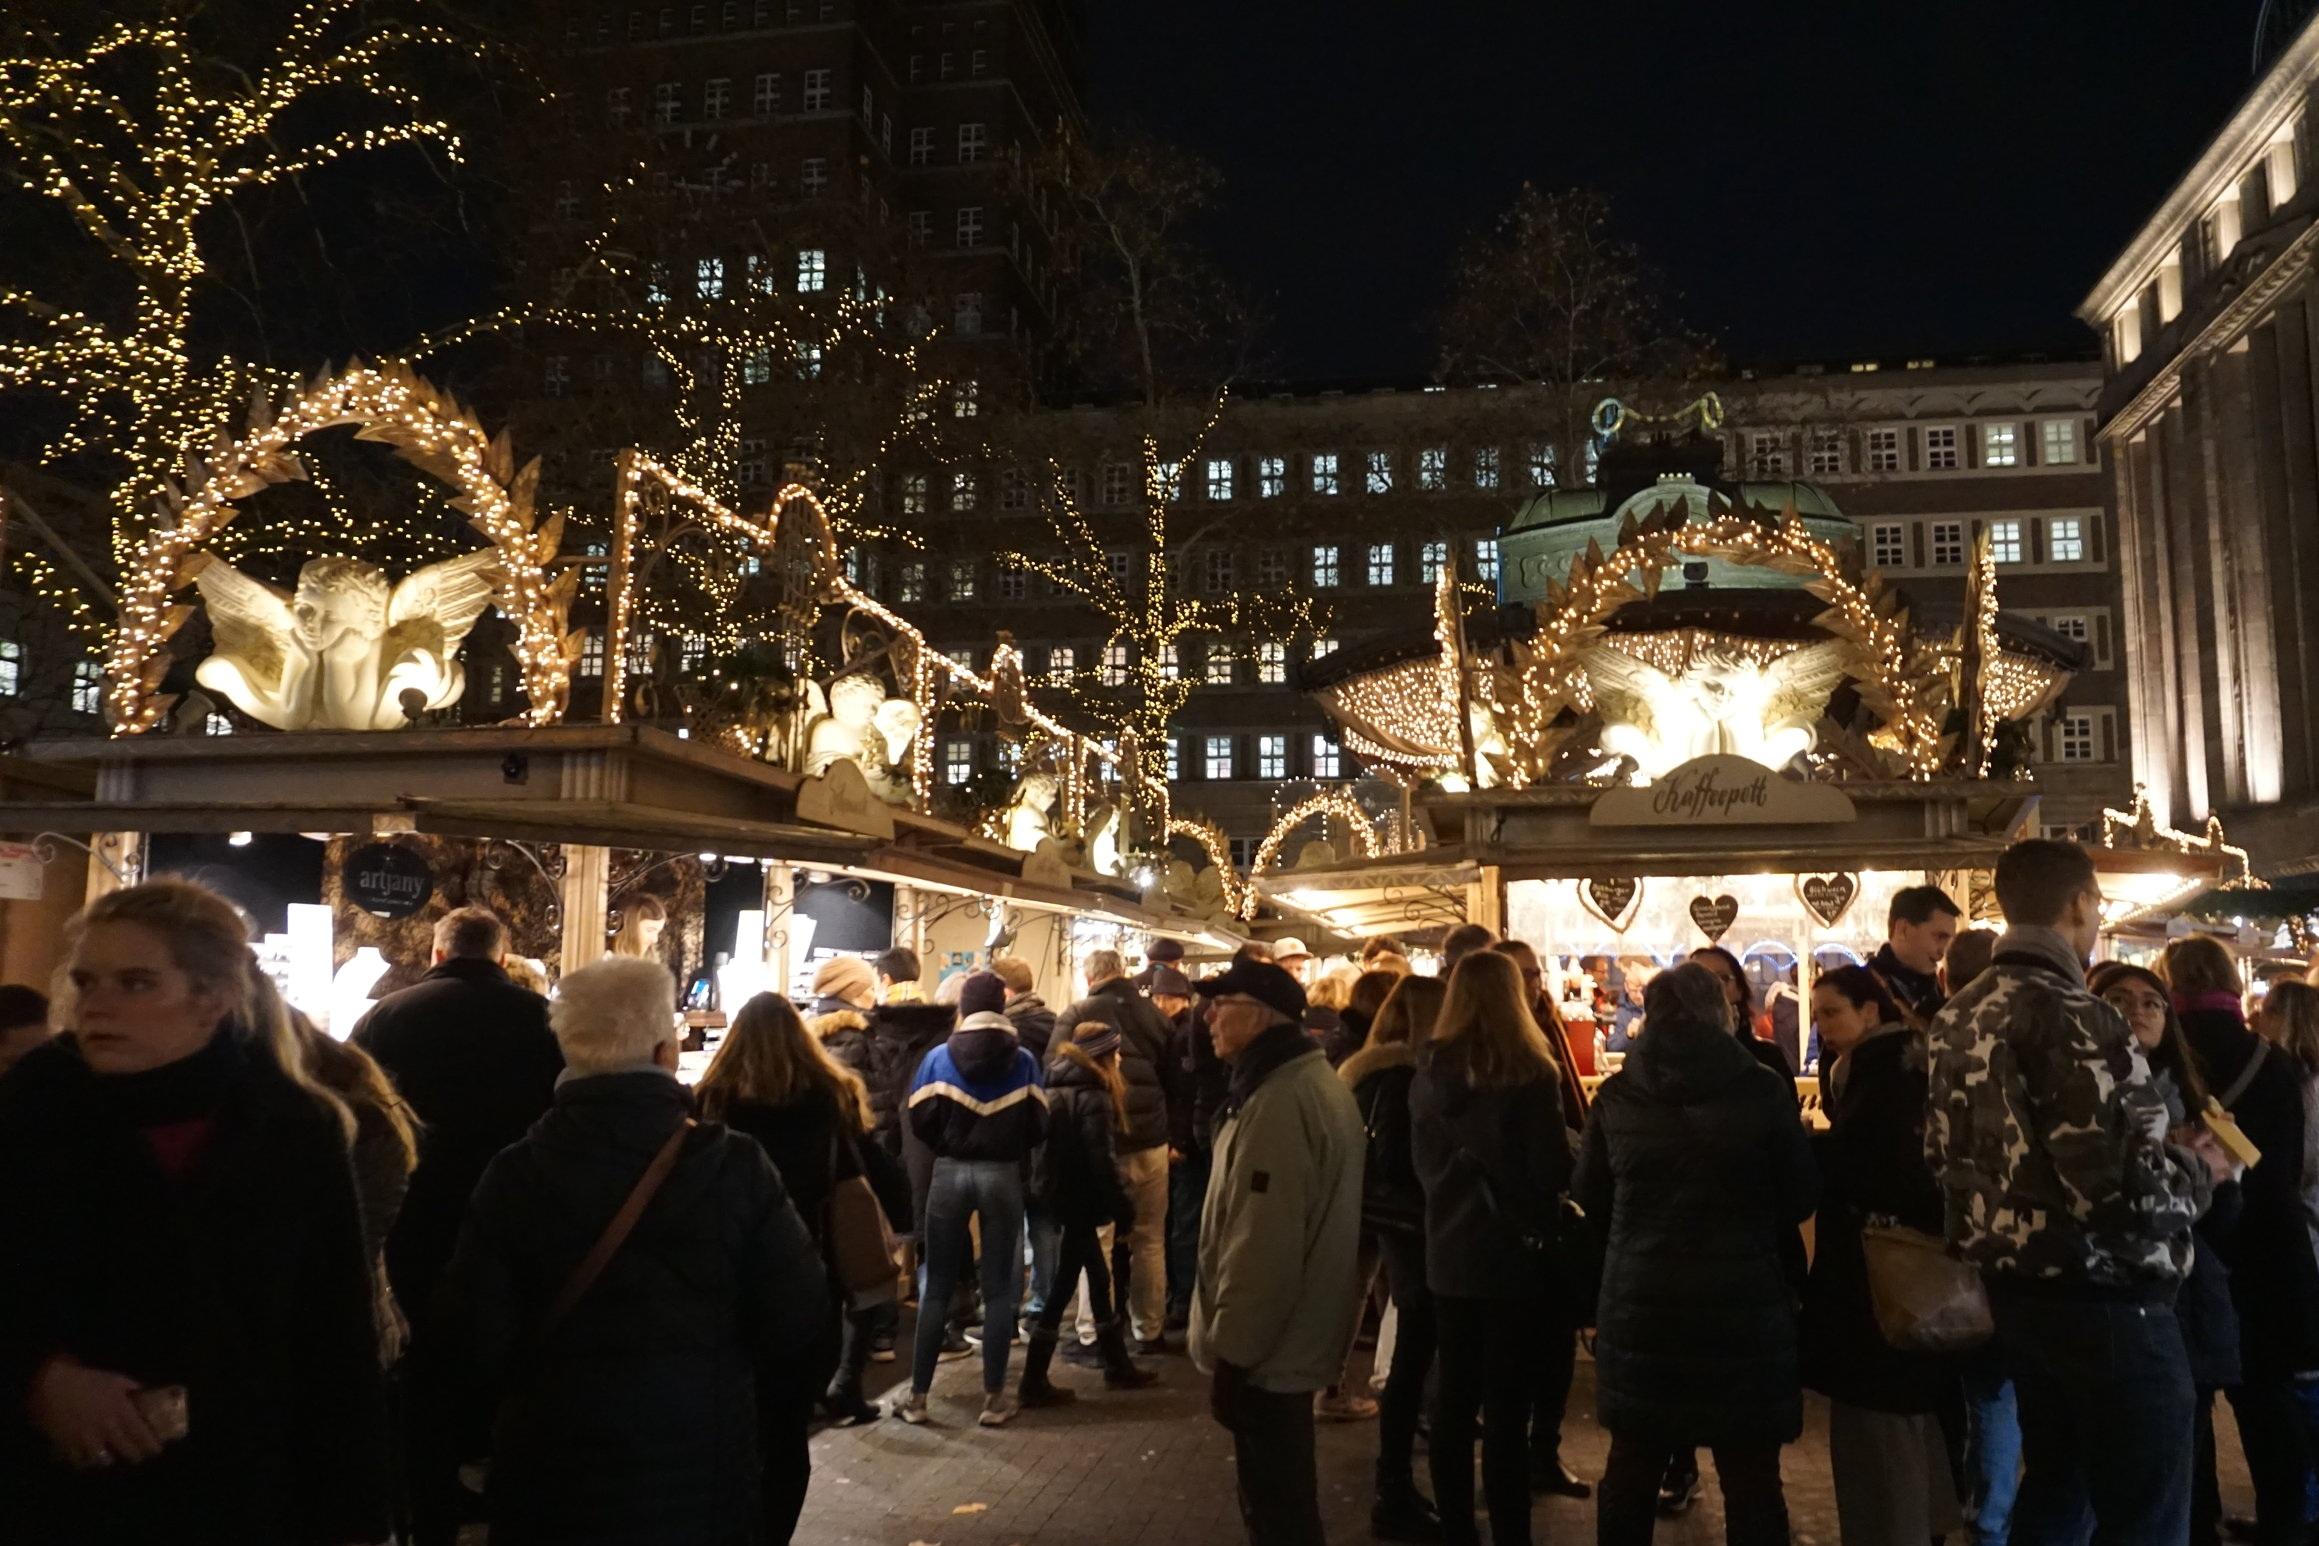 Engelchen-Markt(Angel Market)